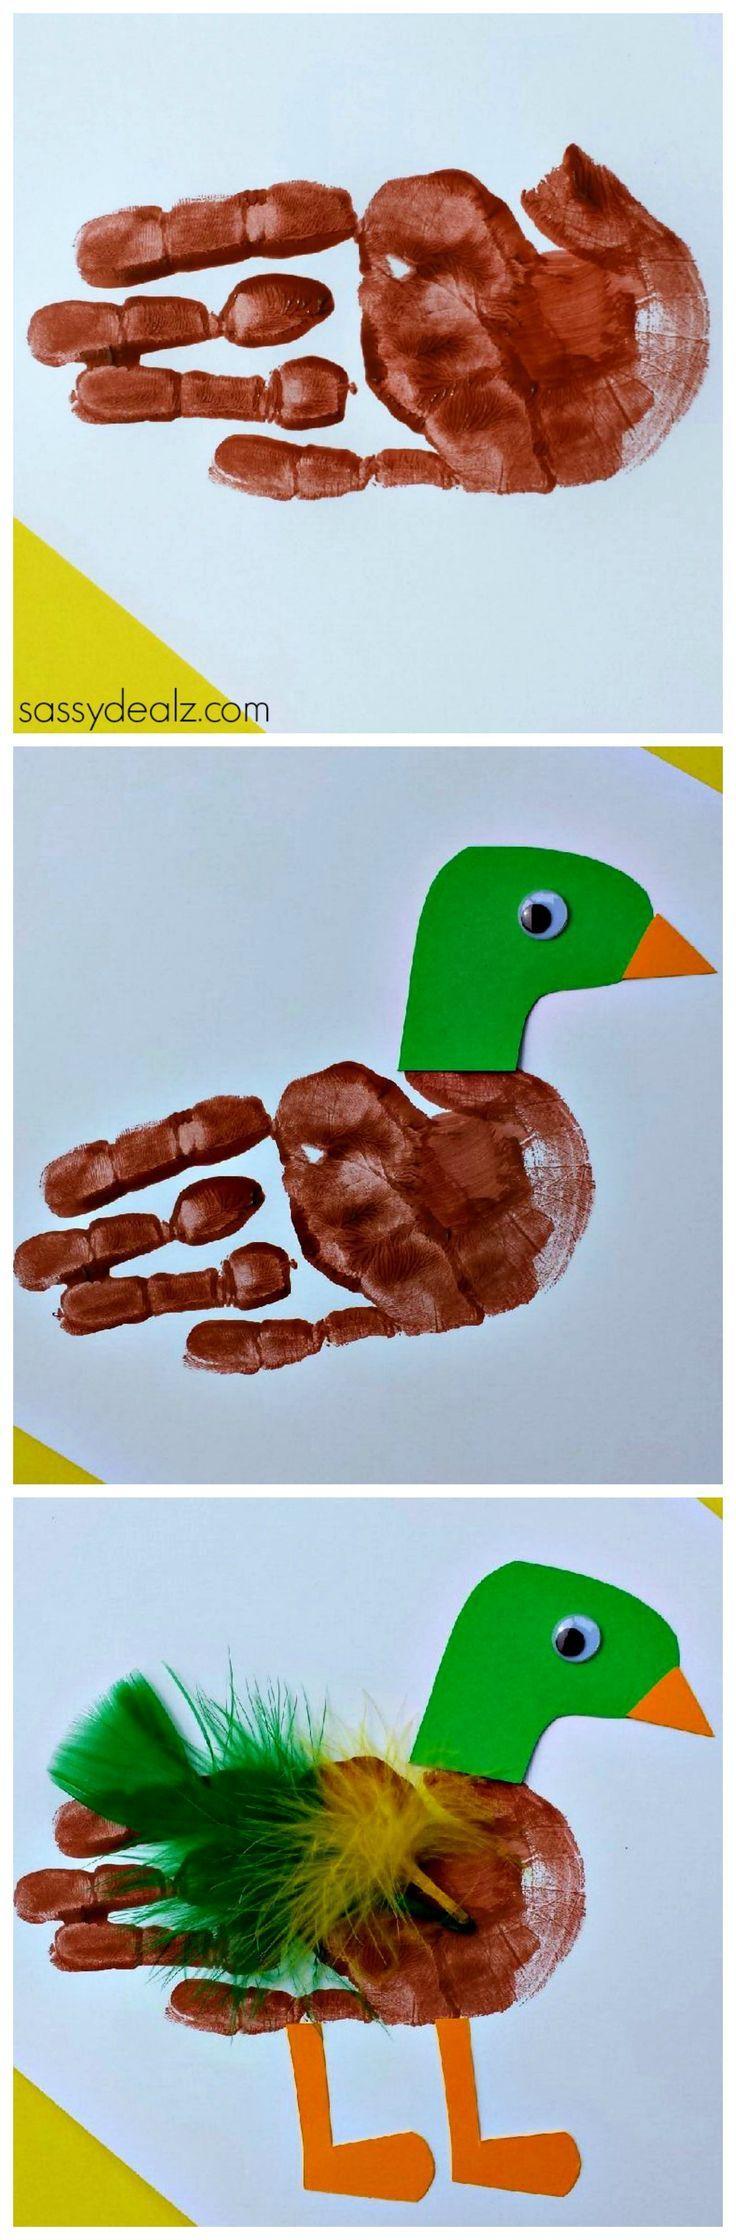 Podemos utilizar esta idea, para dibujar con las huellas de las manos otros animales.